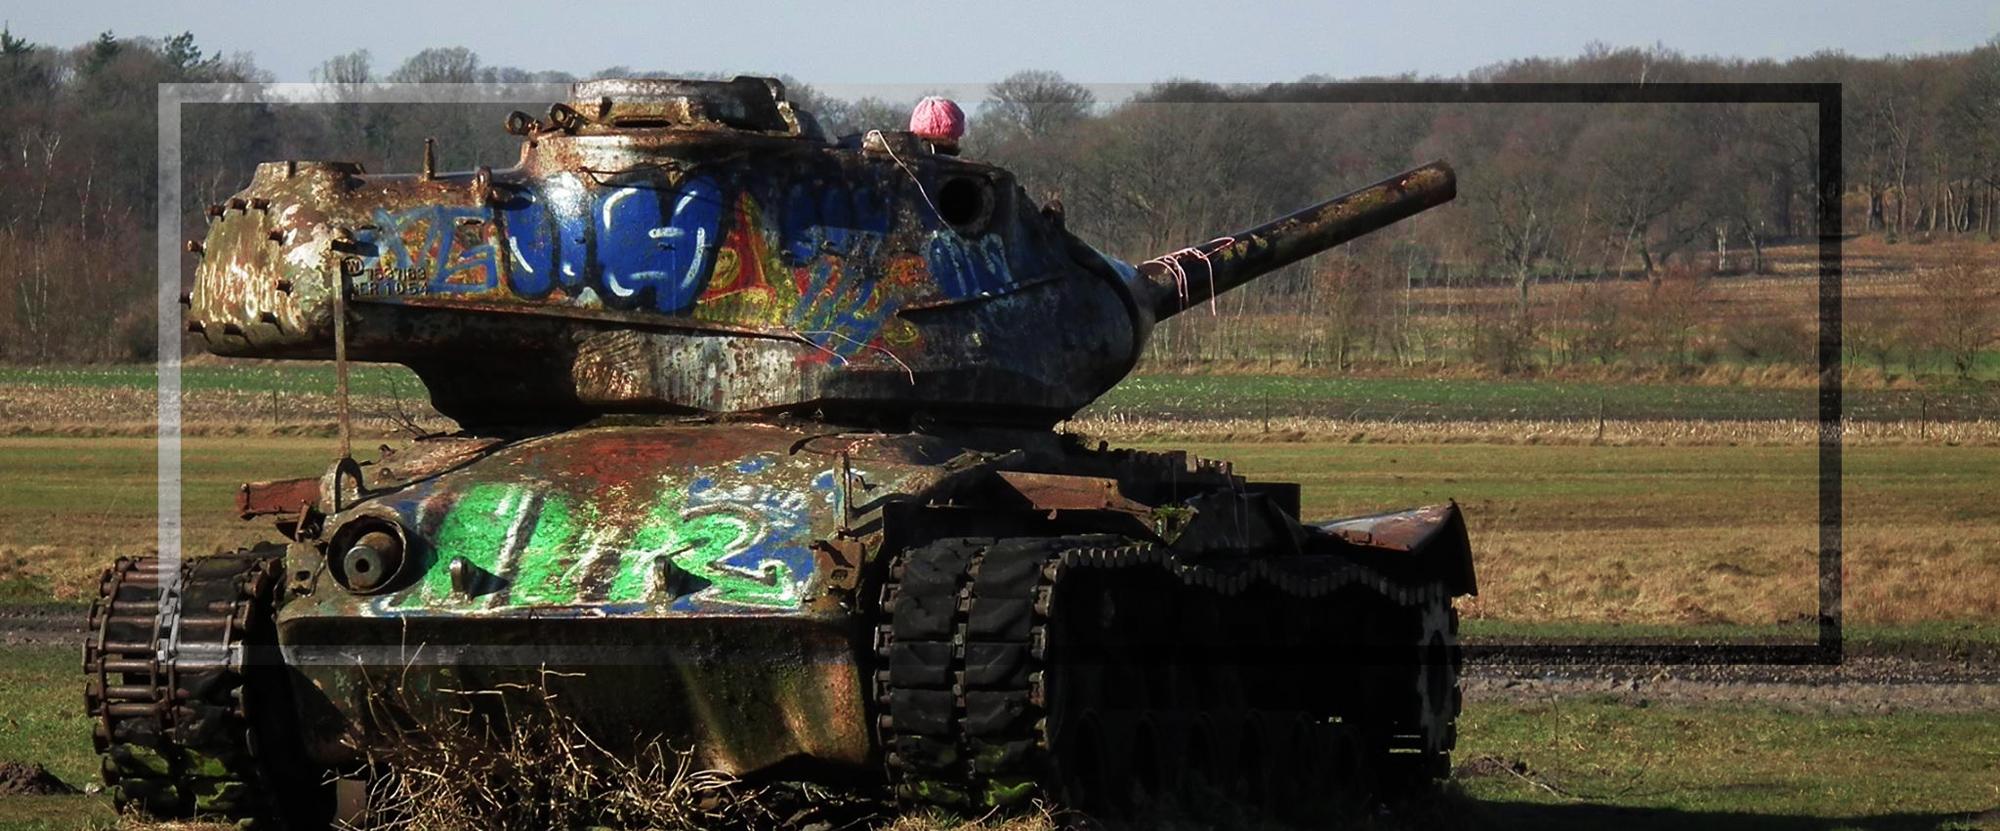 Die Abschaffung der Bundeswehr – das ist Klimaschutz! <br>  <span id='sec-title'>Der Ruf nach dem Ende des Kapitalismus</span>